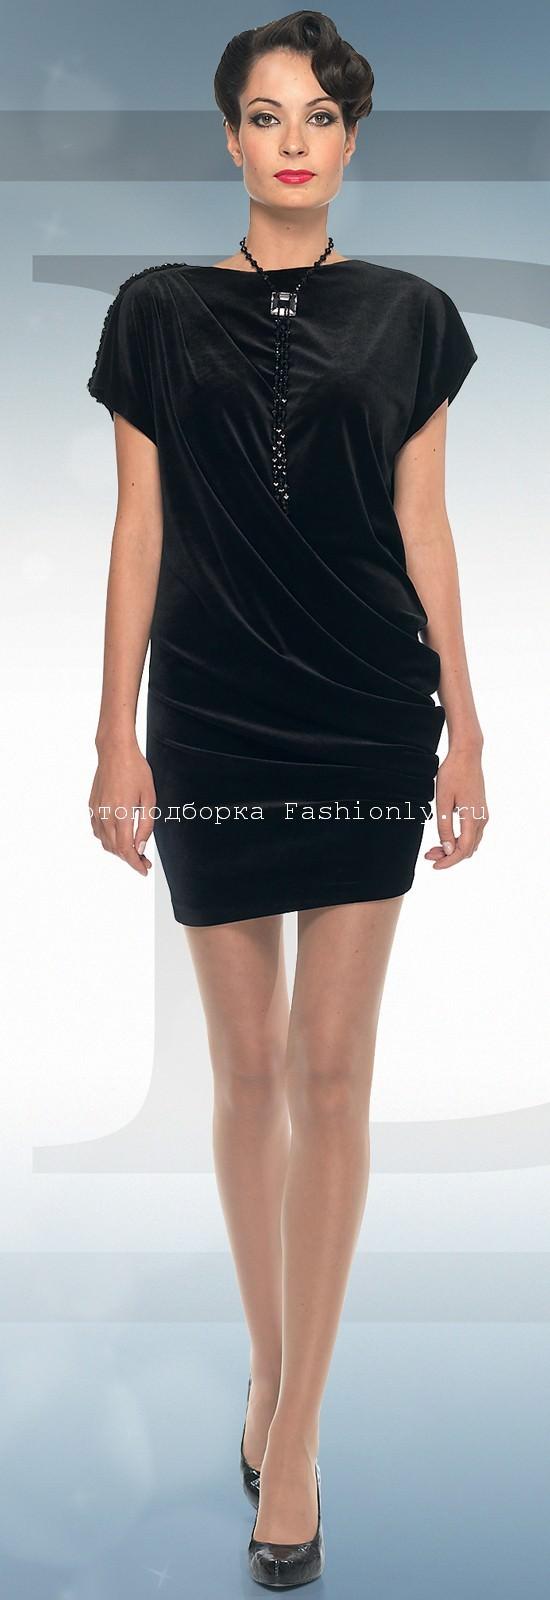 Маленькое черное платье на Новый Год